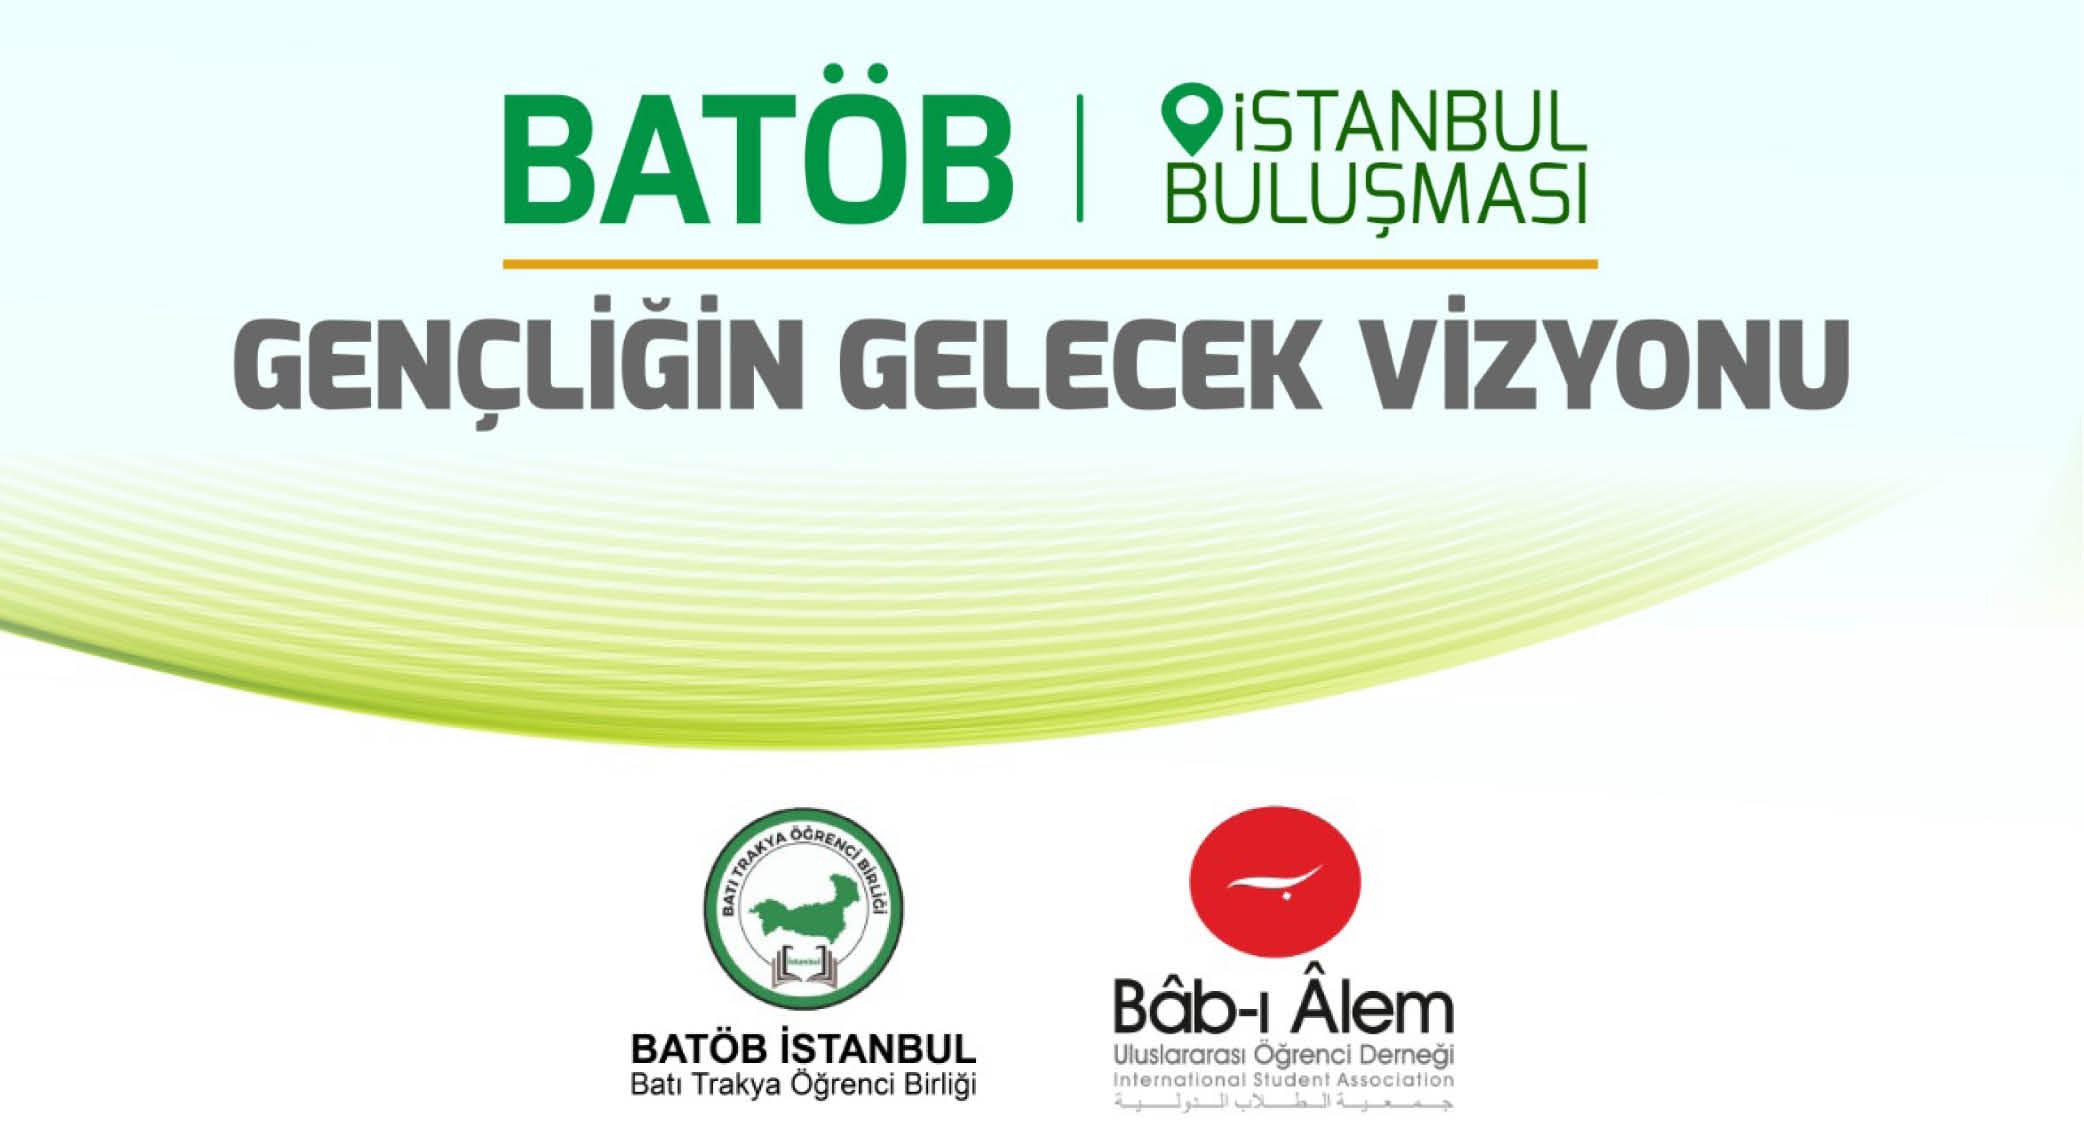 BATÖB-İstanbul Buluşması 30 Kasımda başlıyor